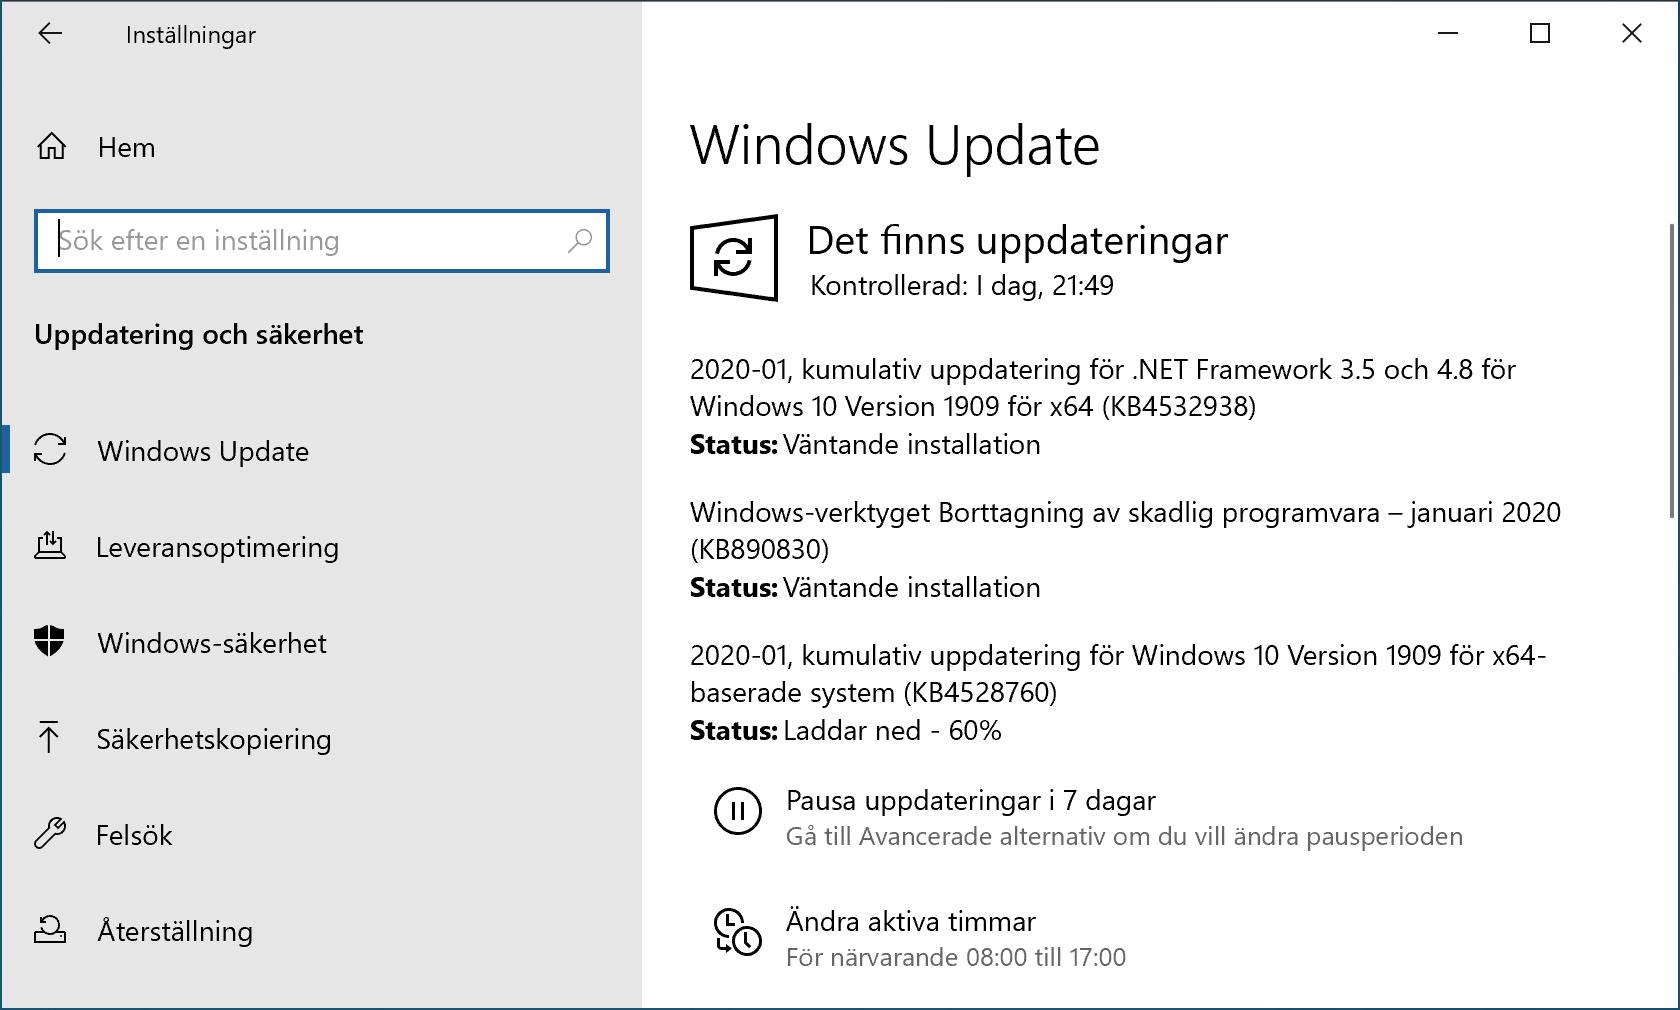 Windows Update installerar januaris säkerhetsuppdateringar.